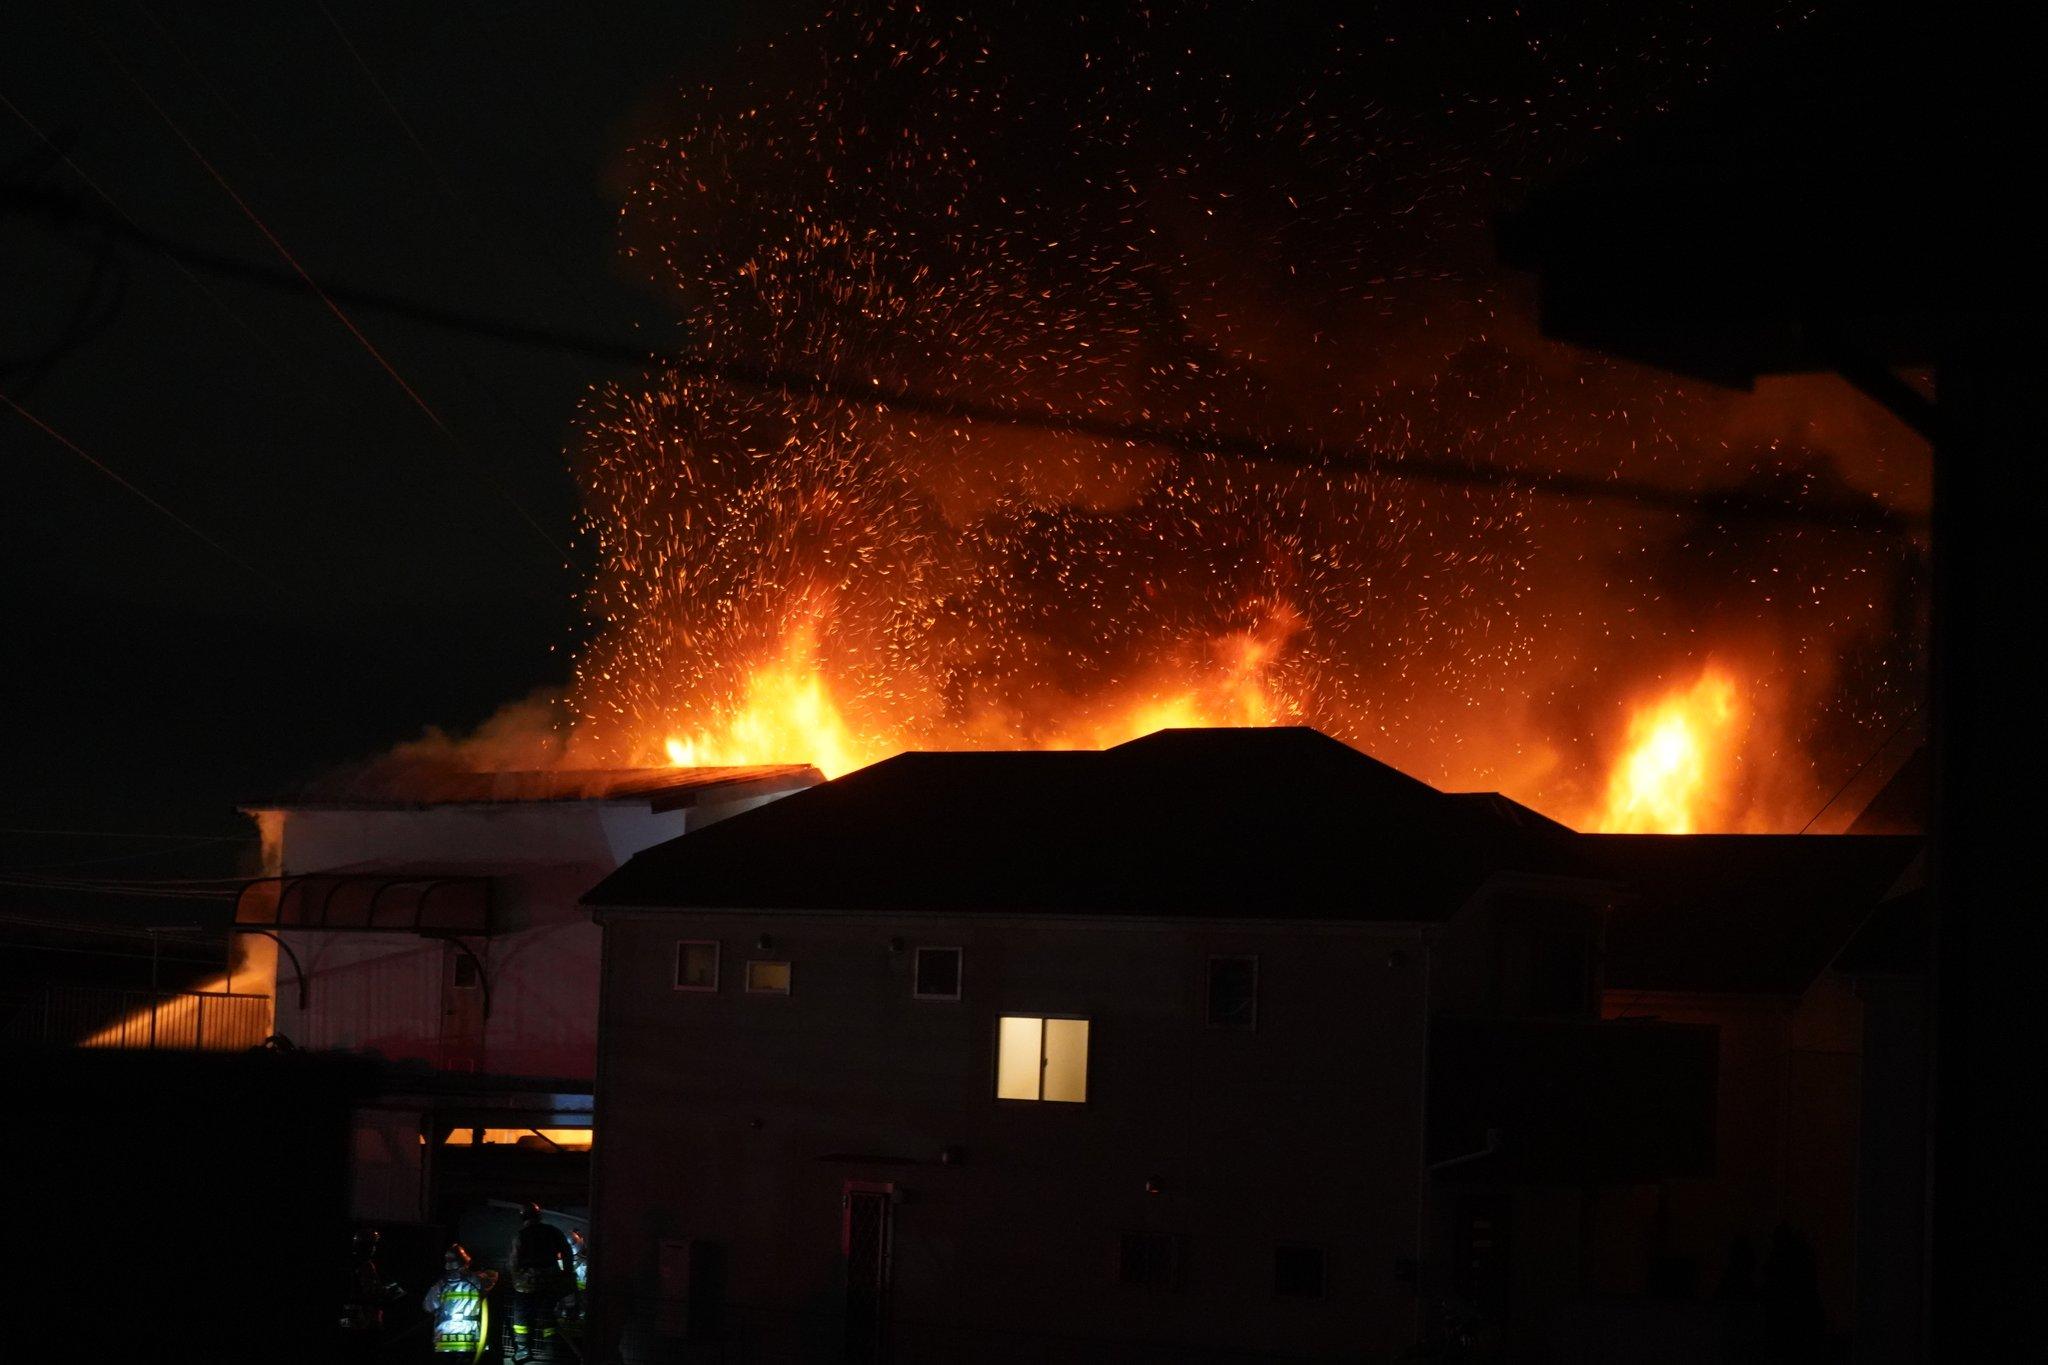 画像,これ勢い凄すぎて隣の家に飛び火してるし全焼する勢い😅 https://t.co/nFMFicTetR。